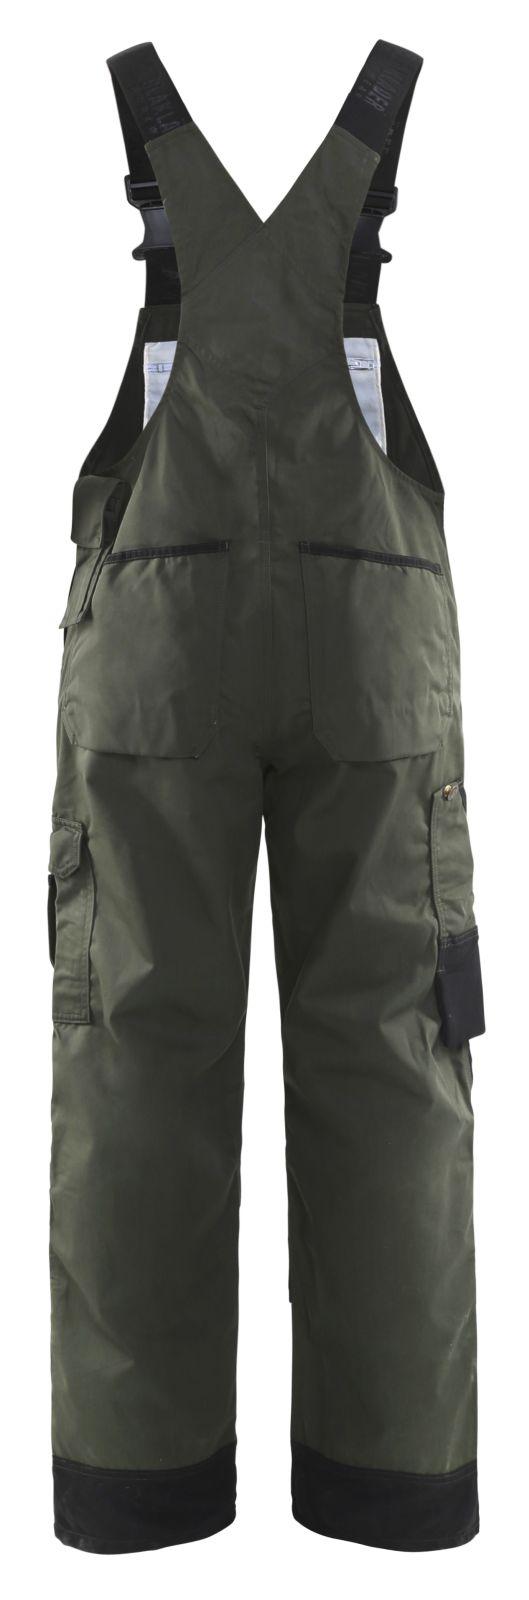 Blaklader Amerikaanse overalls 26541835 army groen-zwart(4699)